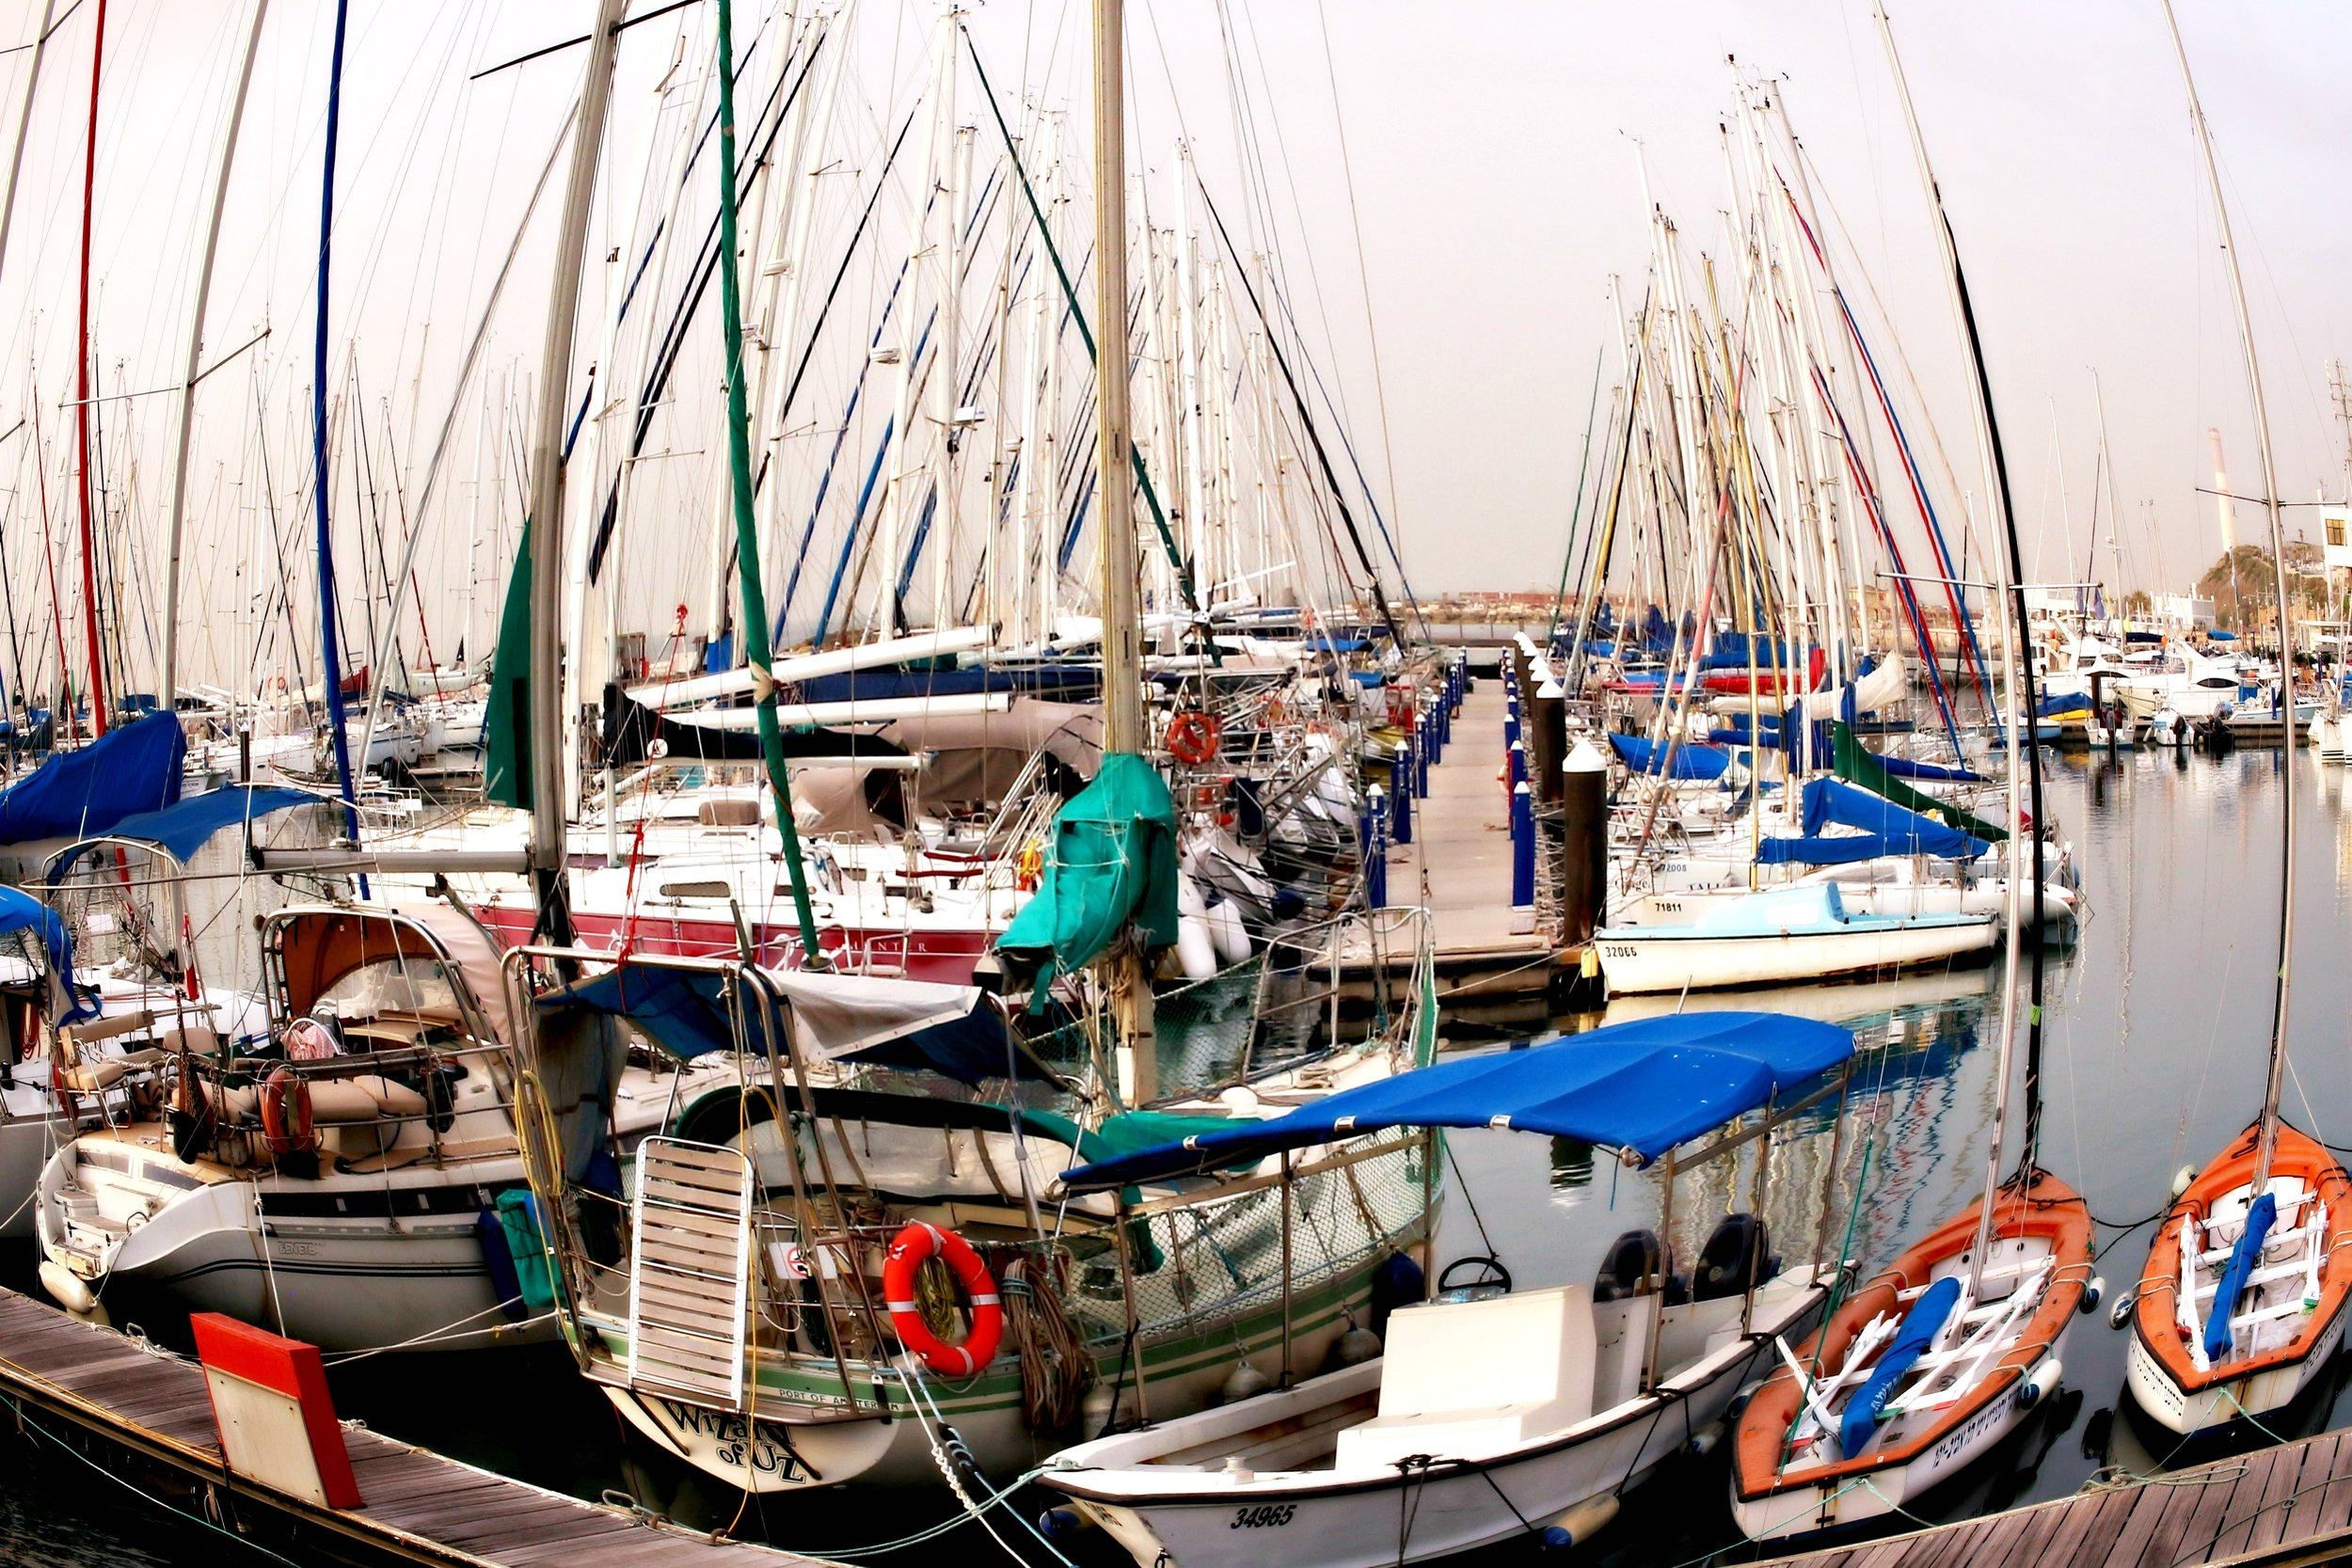 The Pier in Tel Aviv